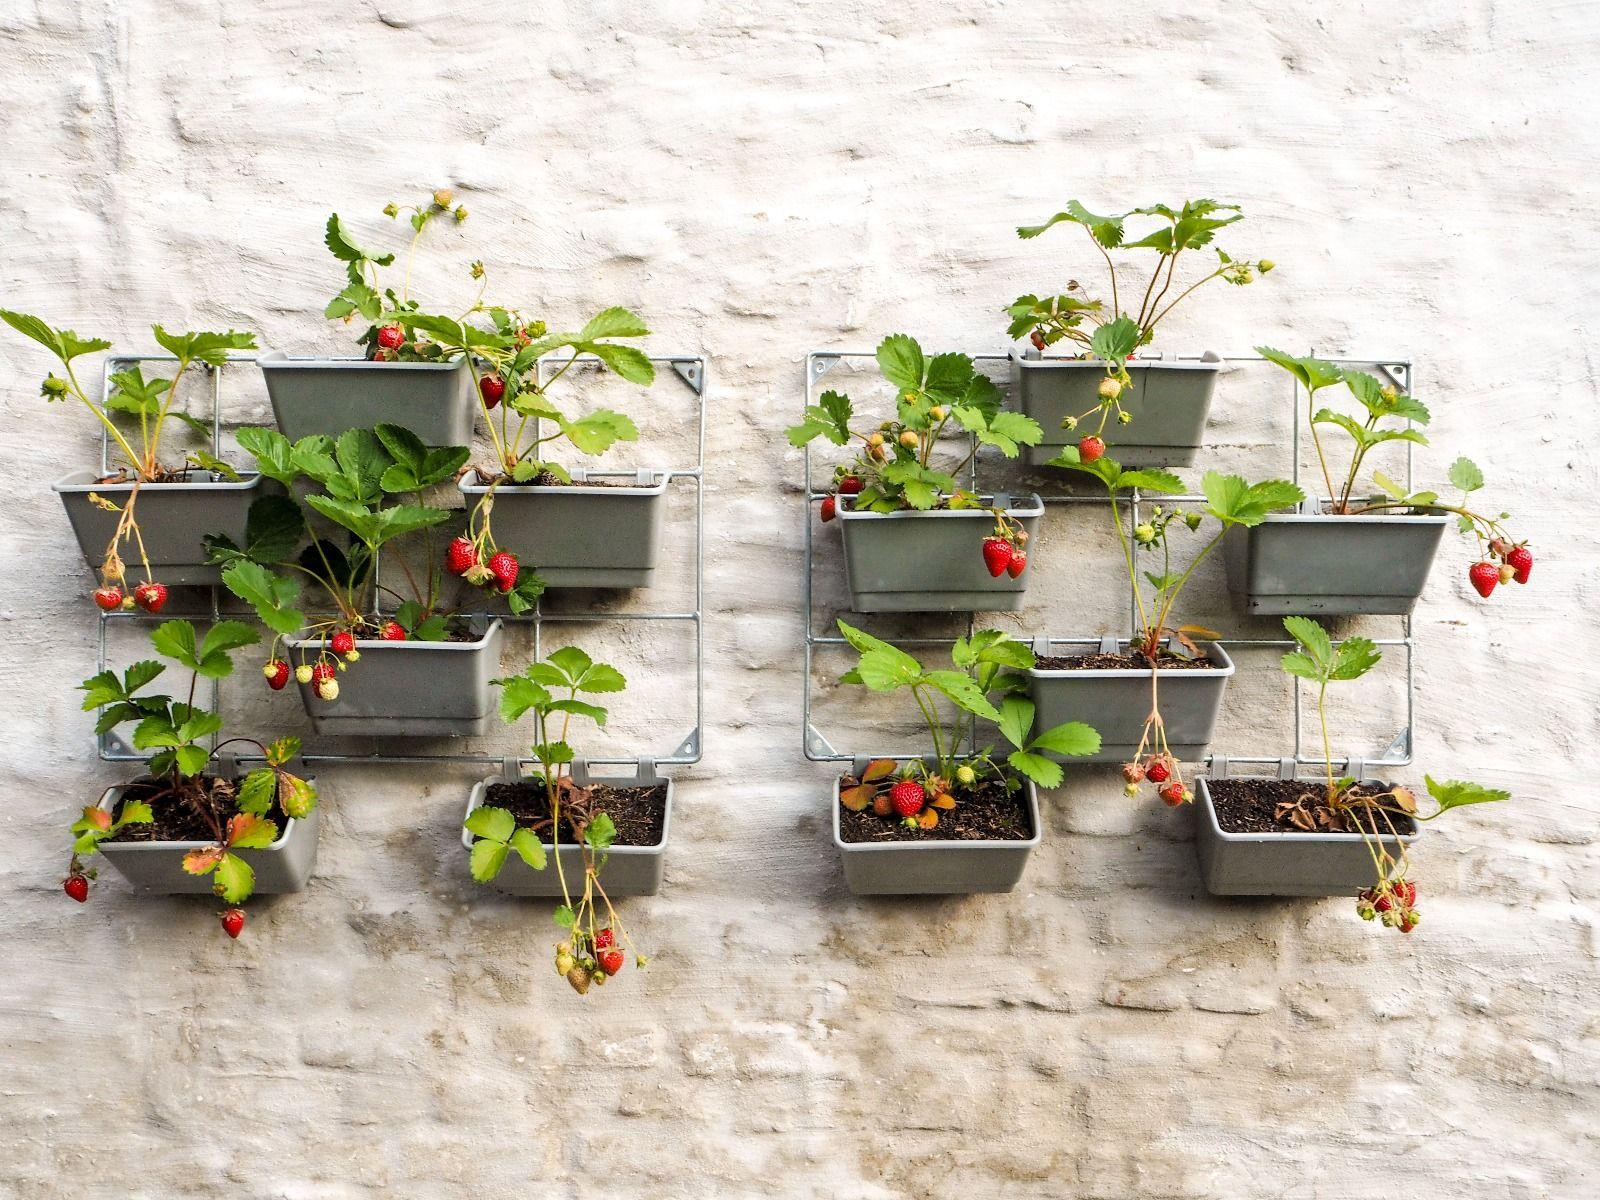 Tuintrend moestuin aan de muur